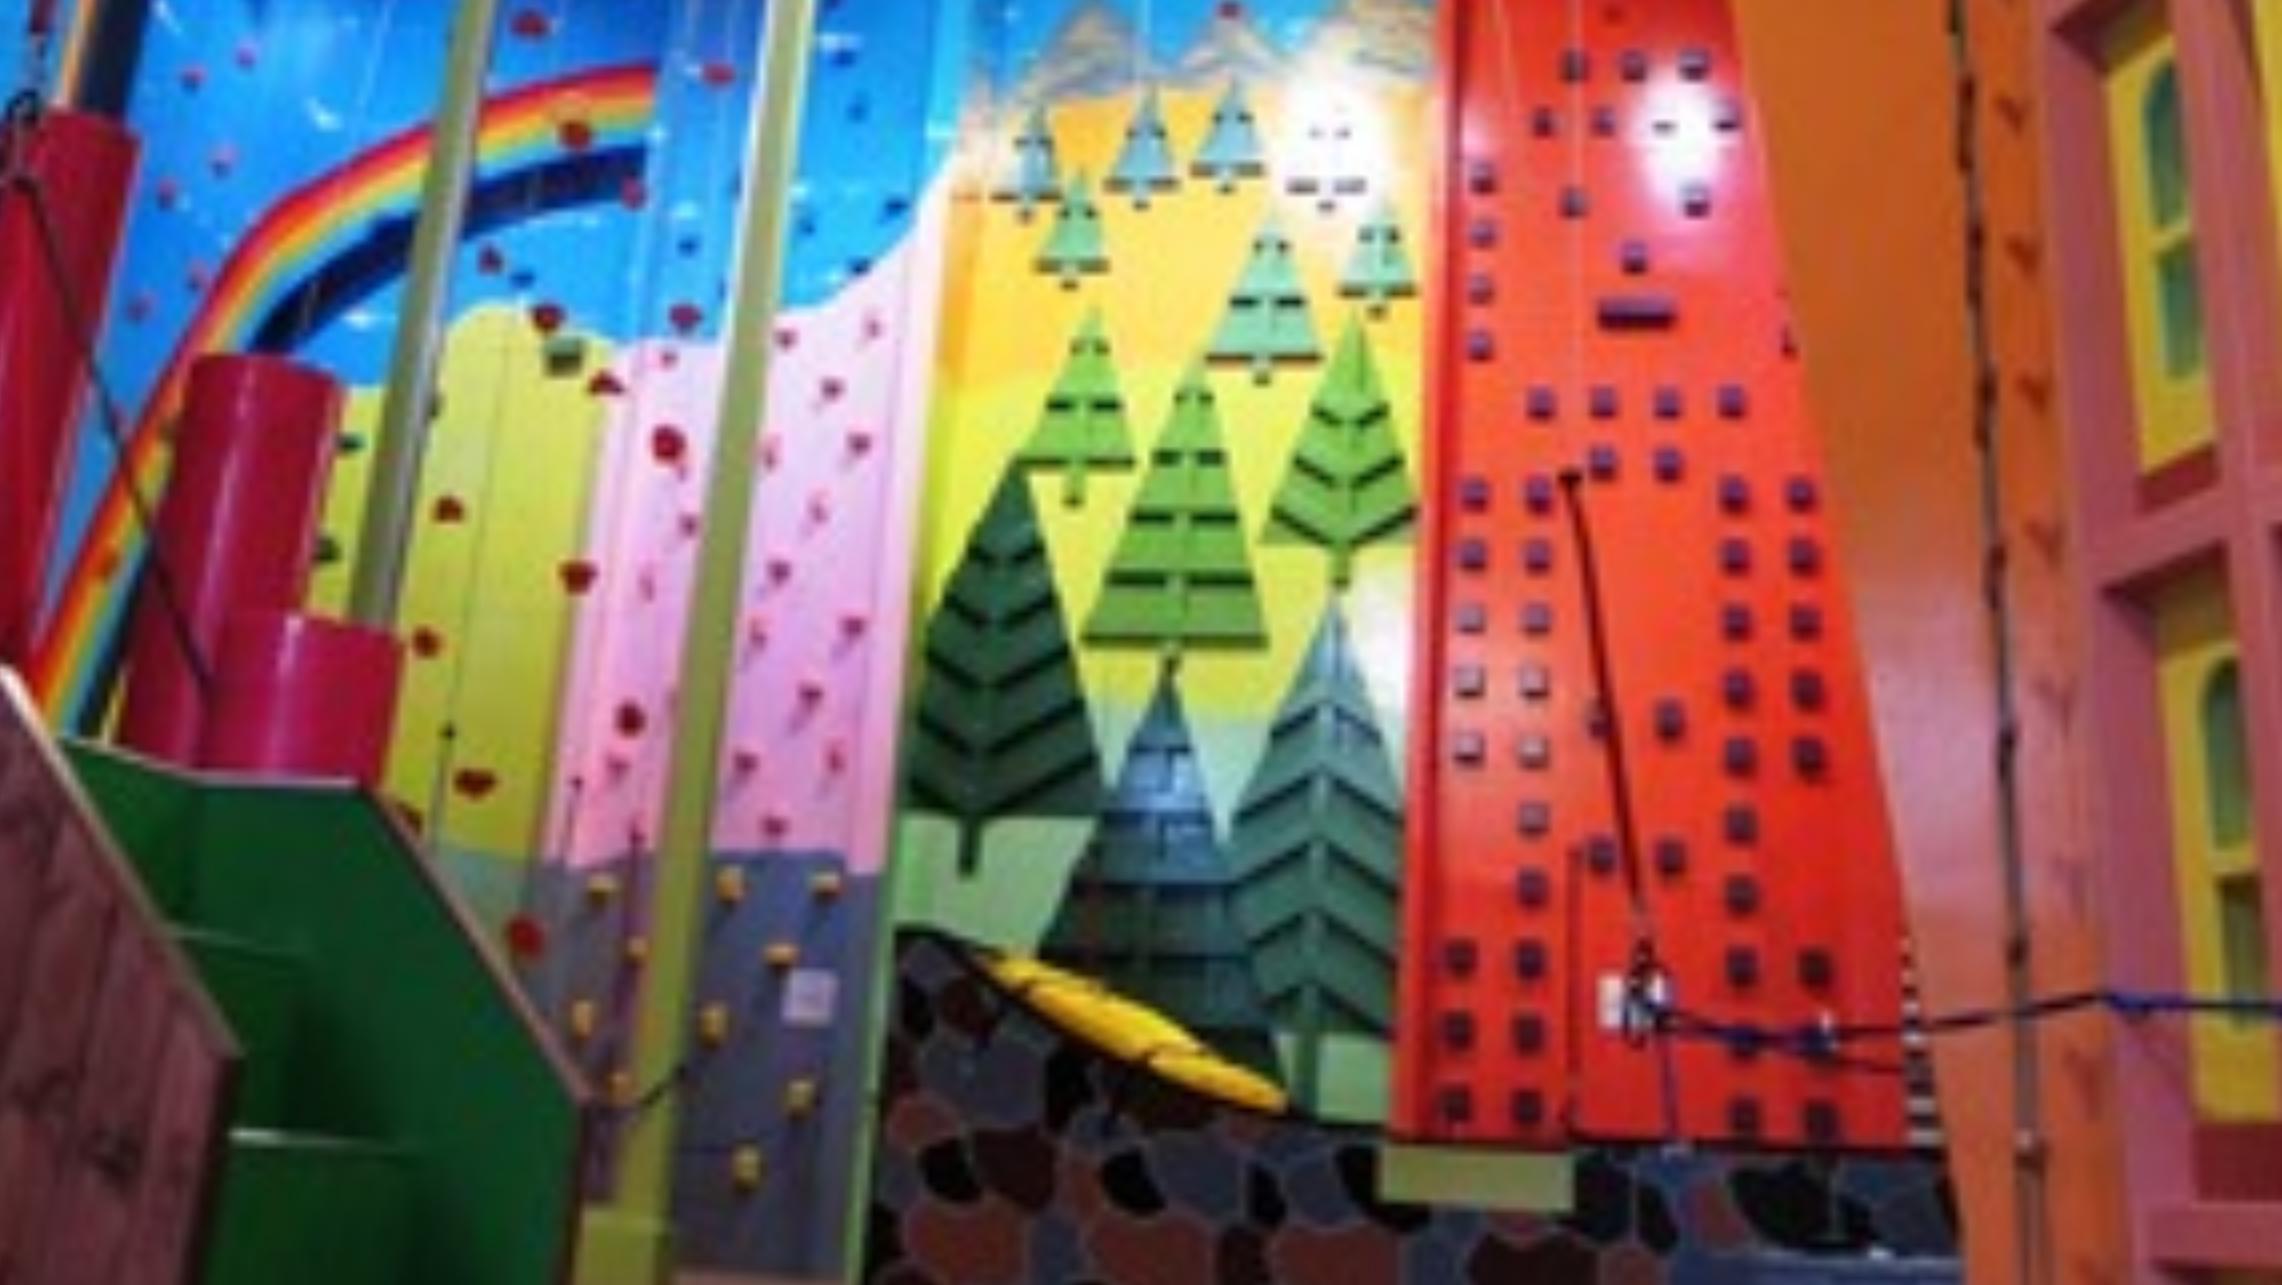 北海道のクライミング施設「クライミングランド のぼのぼ」